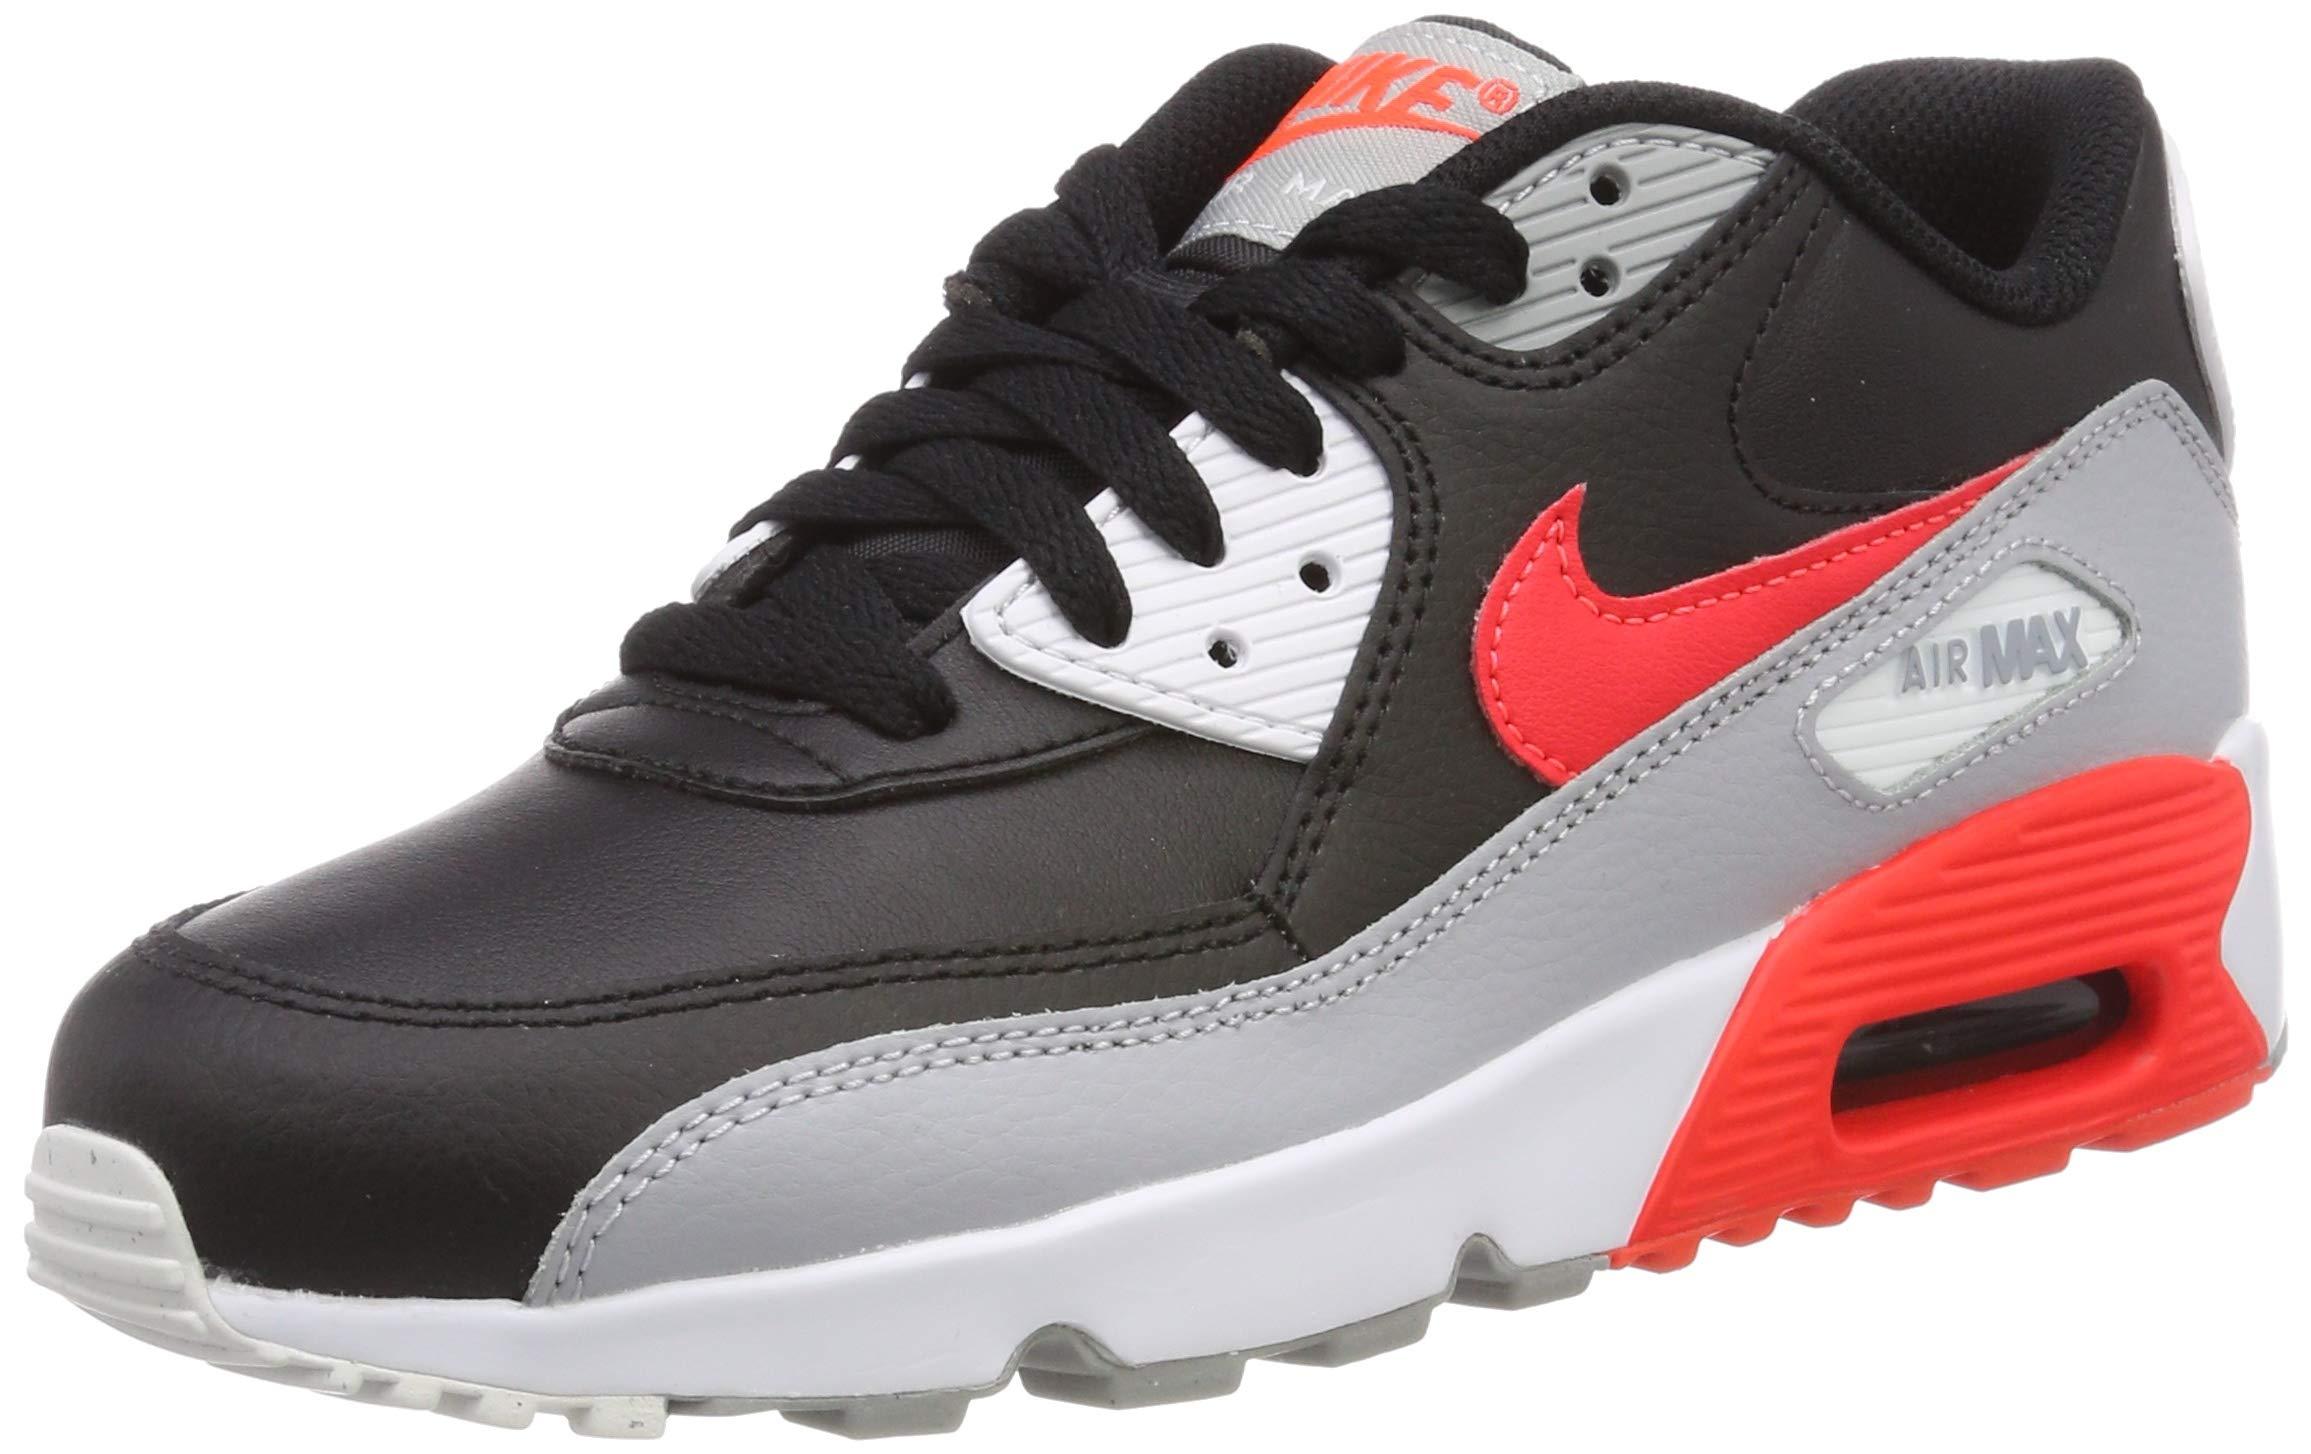 Nike Air Max 90 LTR (gs) Big Kids 833412-024 Size 4